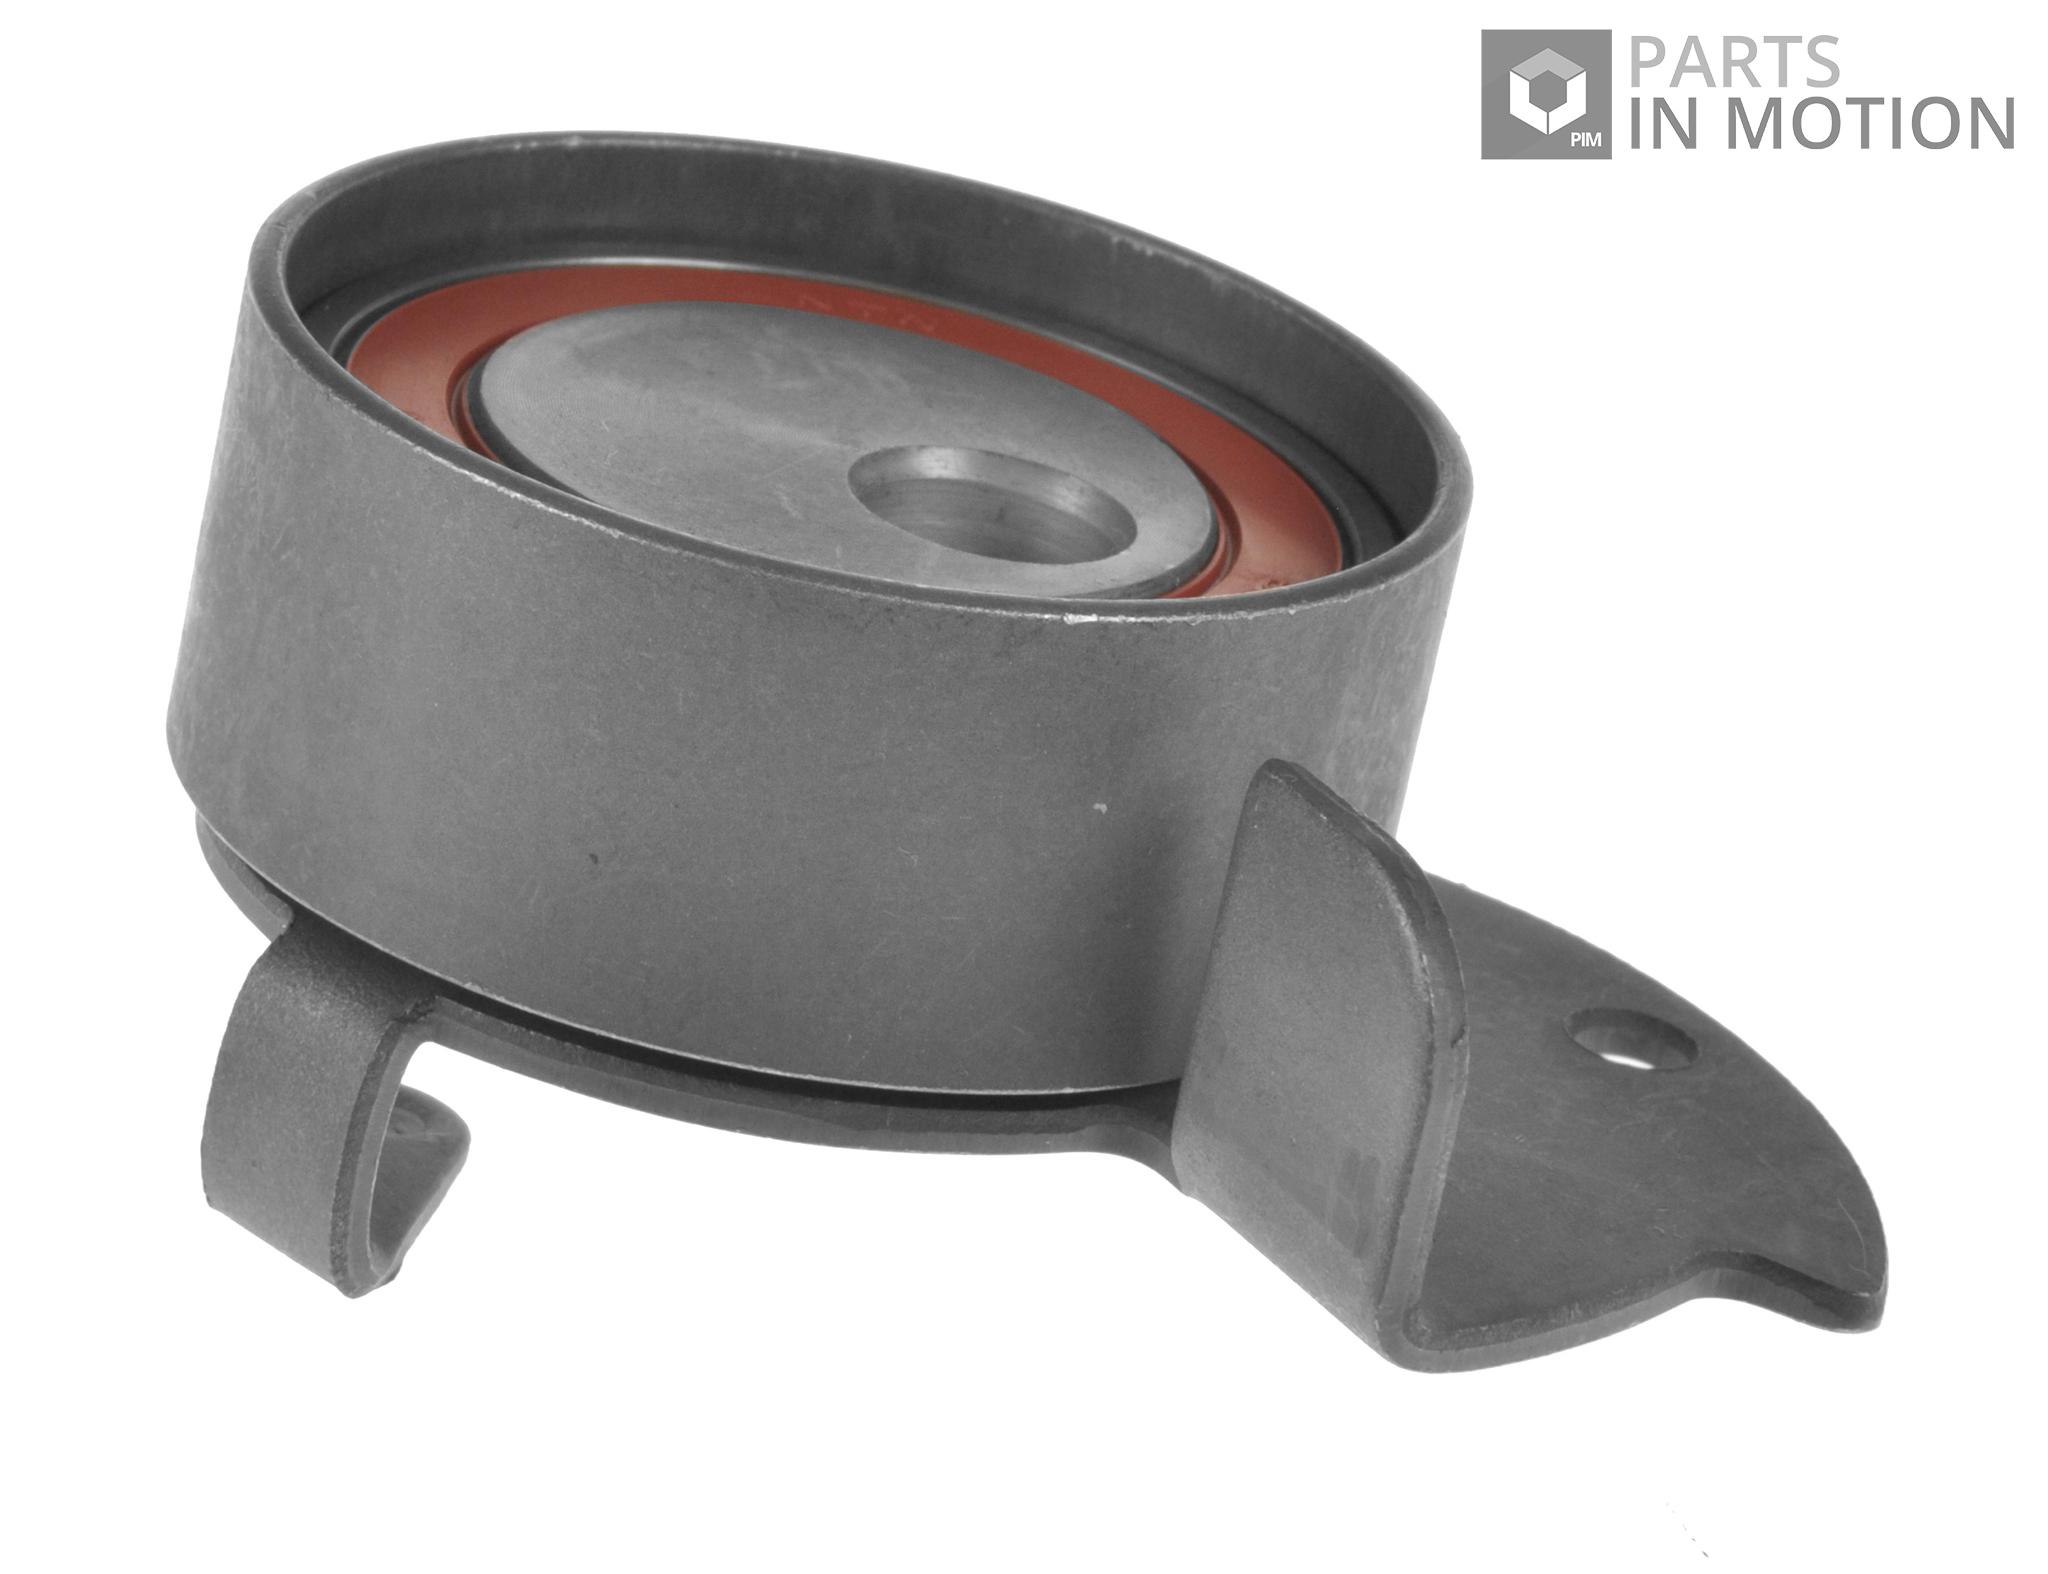 Daihatsu Timing Belt : Timing belt tensioner fits daihatsu hijet to